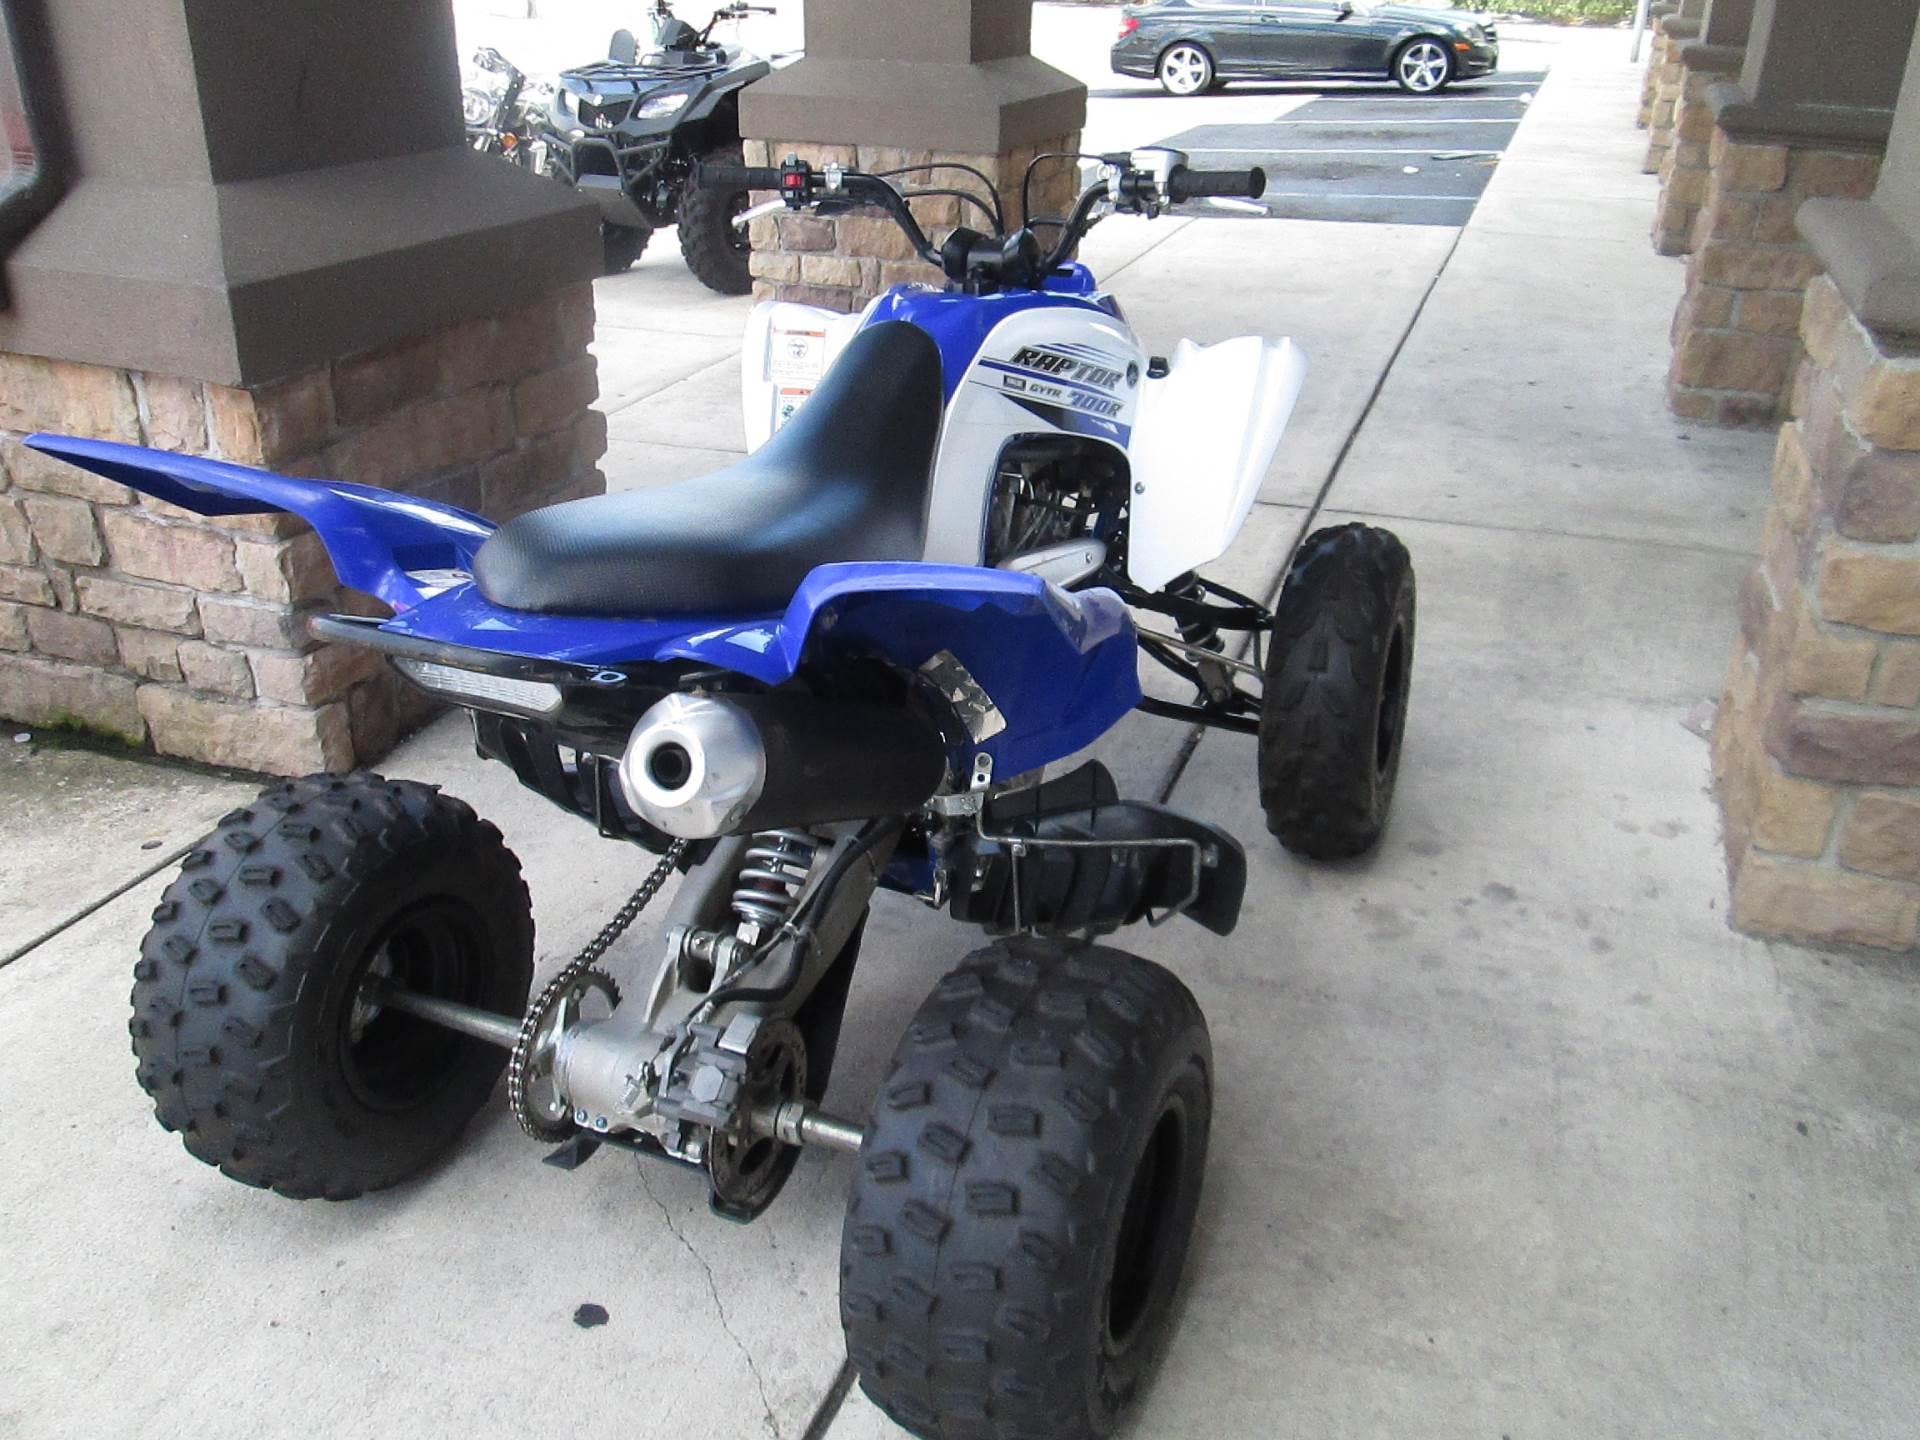 2016 Yamaha Raptor 700 4